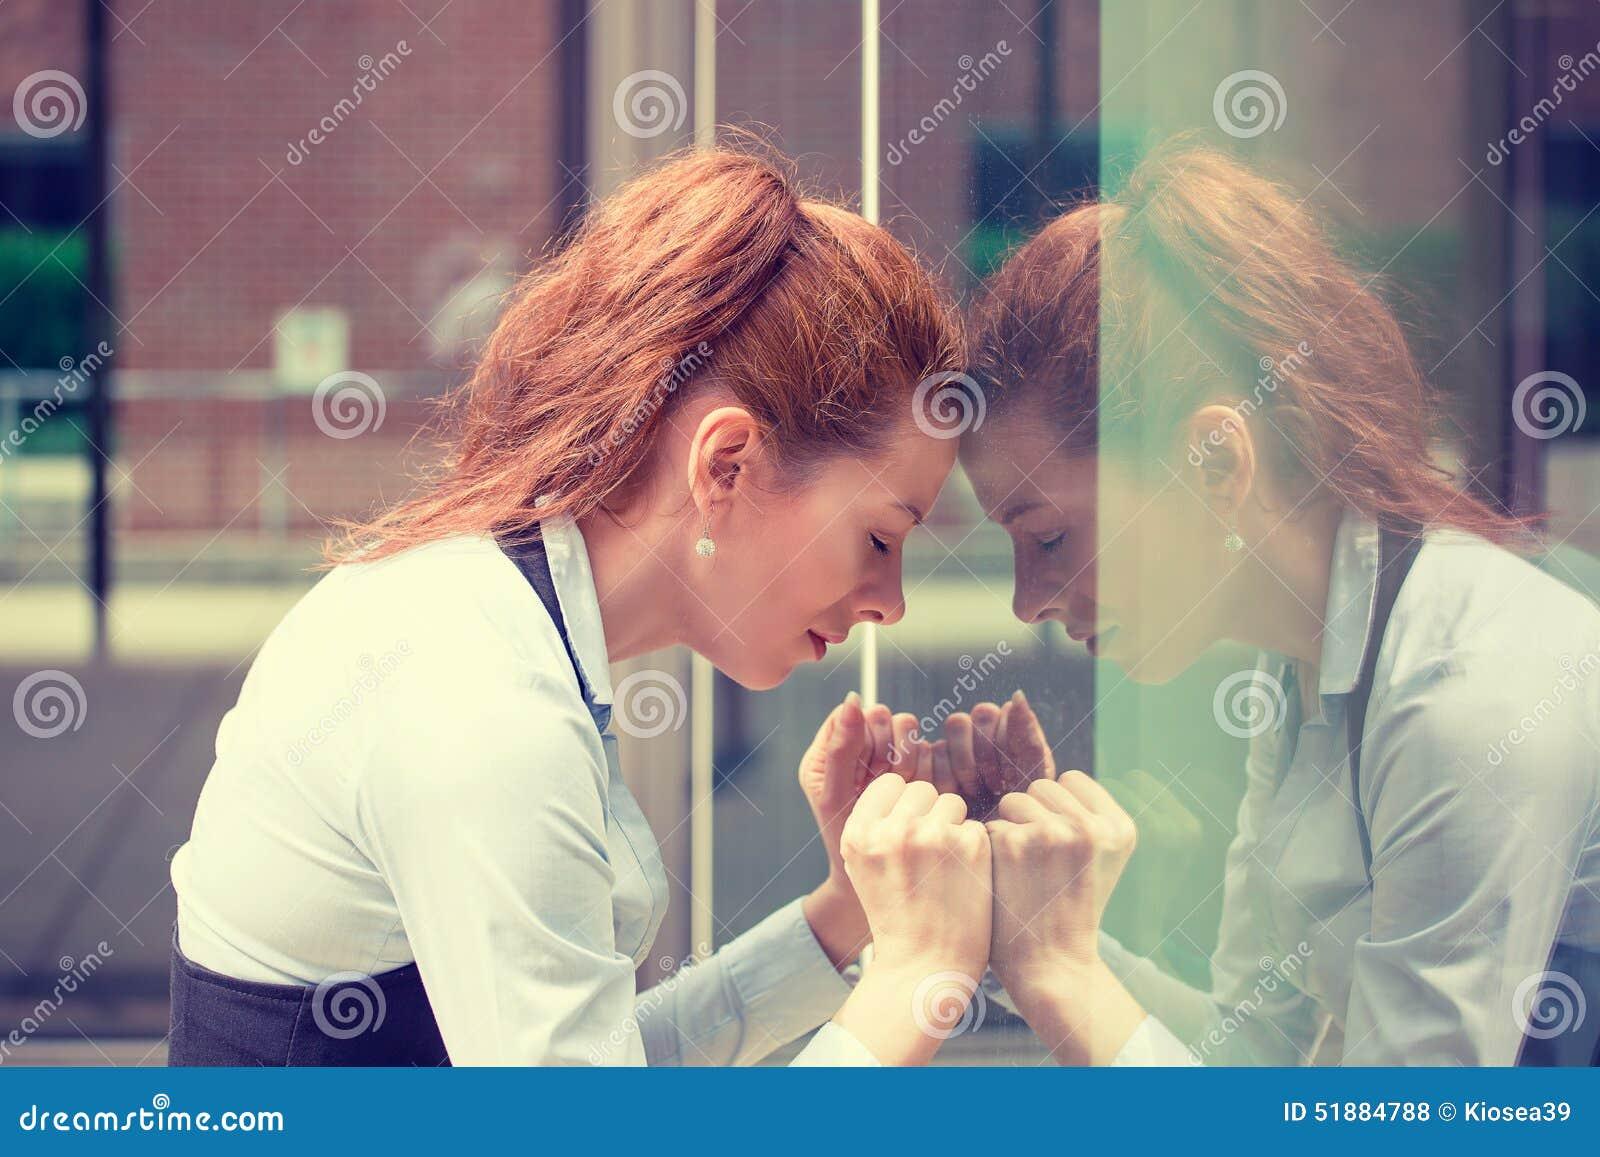 Молодая женщина усиленная портретом унылая outdoors Стресс стиля городской жизни